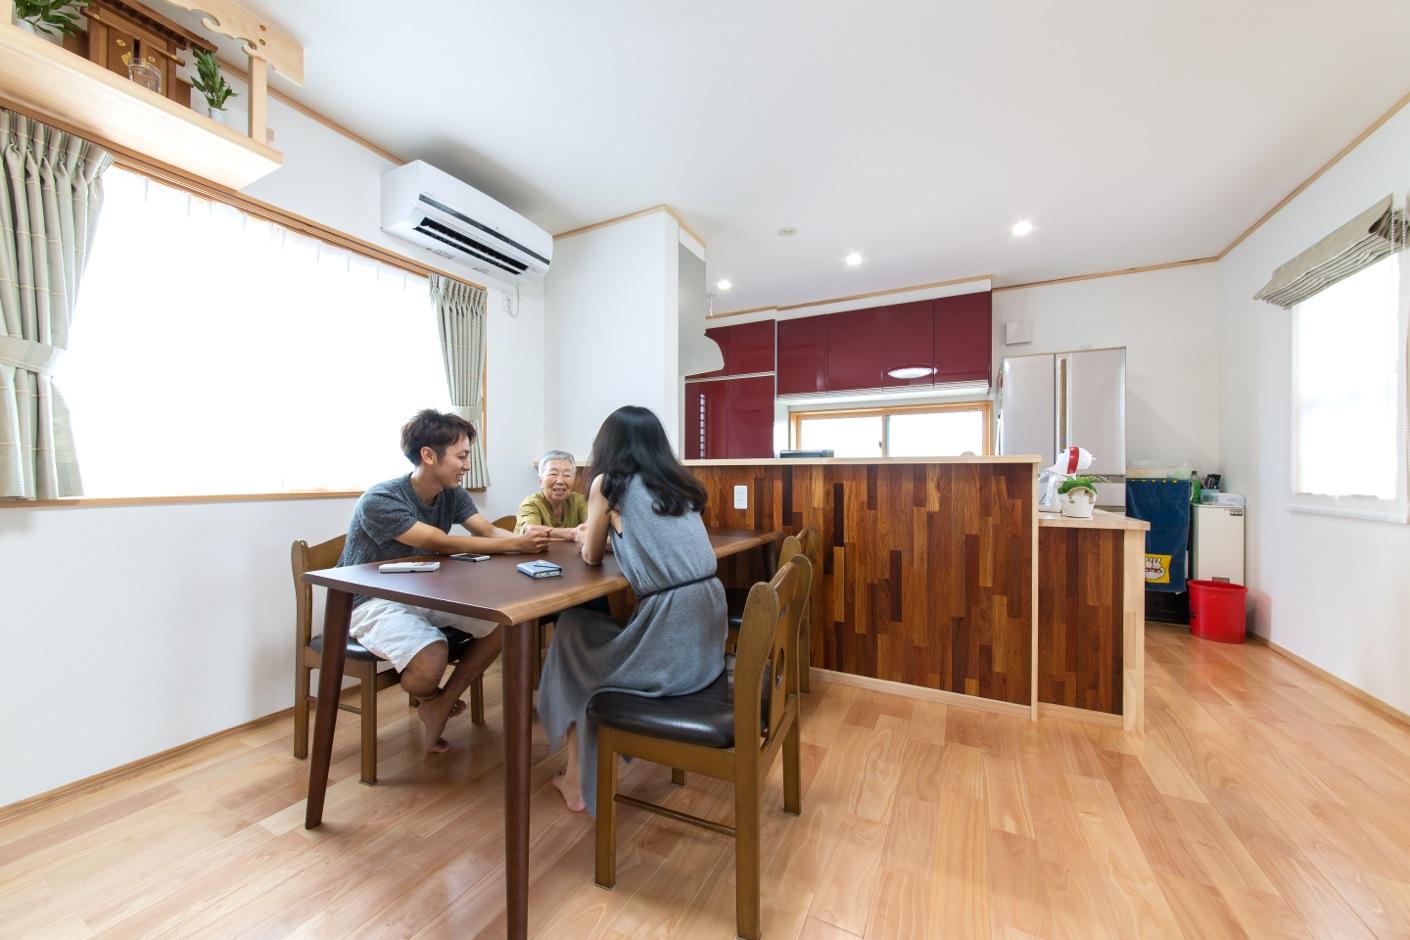 小玉建設【デザイン住宅、二世帯住宅、自然素材】1階のダイニングスペース。カウンターキッチンの壁は、カリンの木を使用。濃いブラウンがアクセントとして効いている